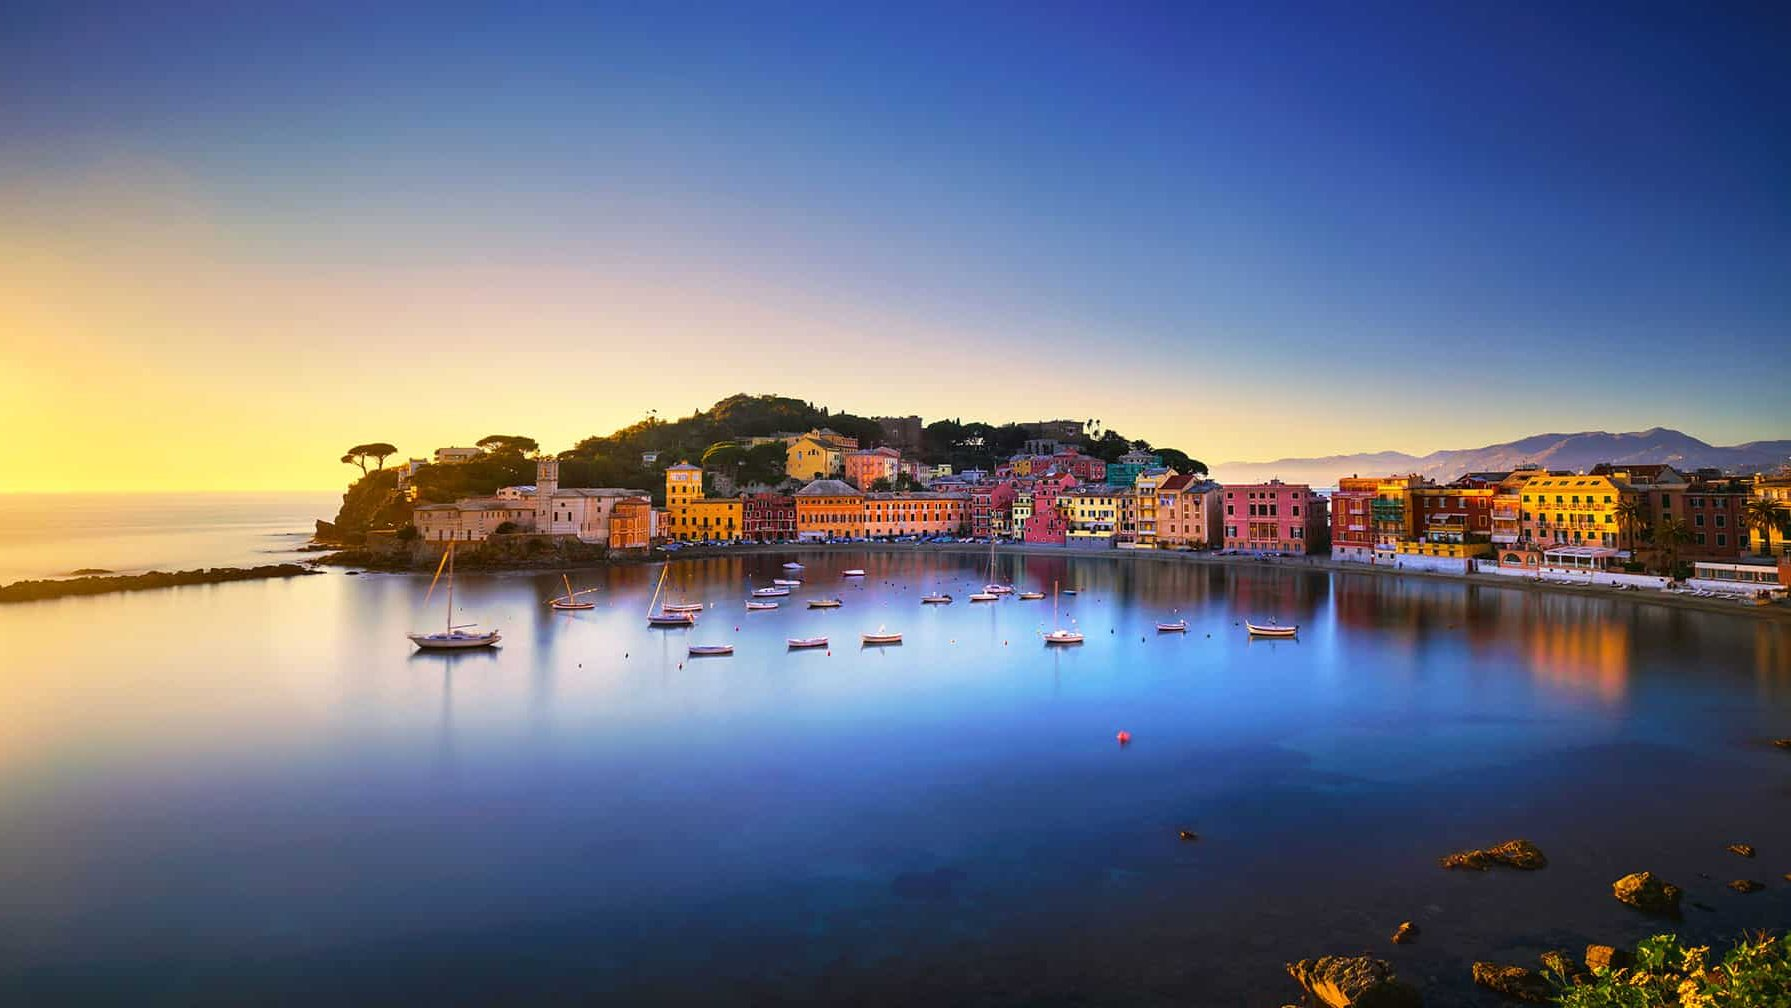 Sestri Levante - viaggi & turismo Italia - Tutti i diritti riservati